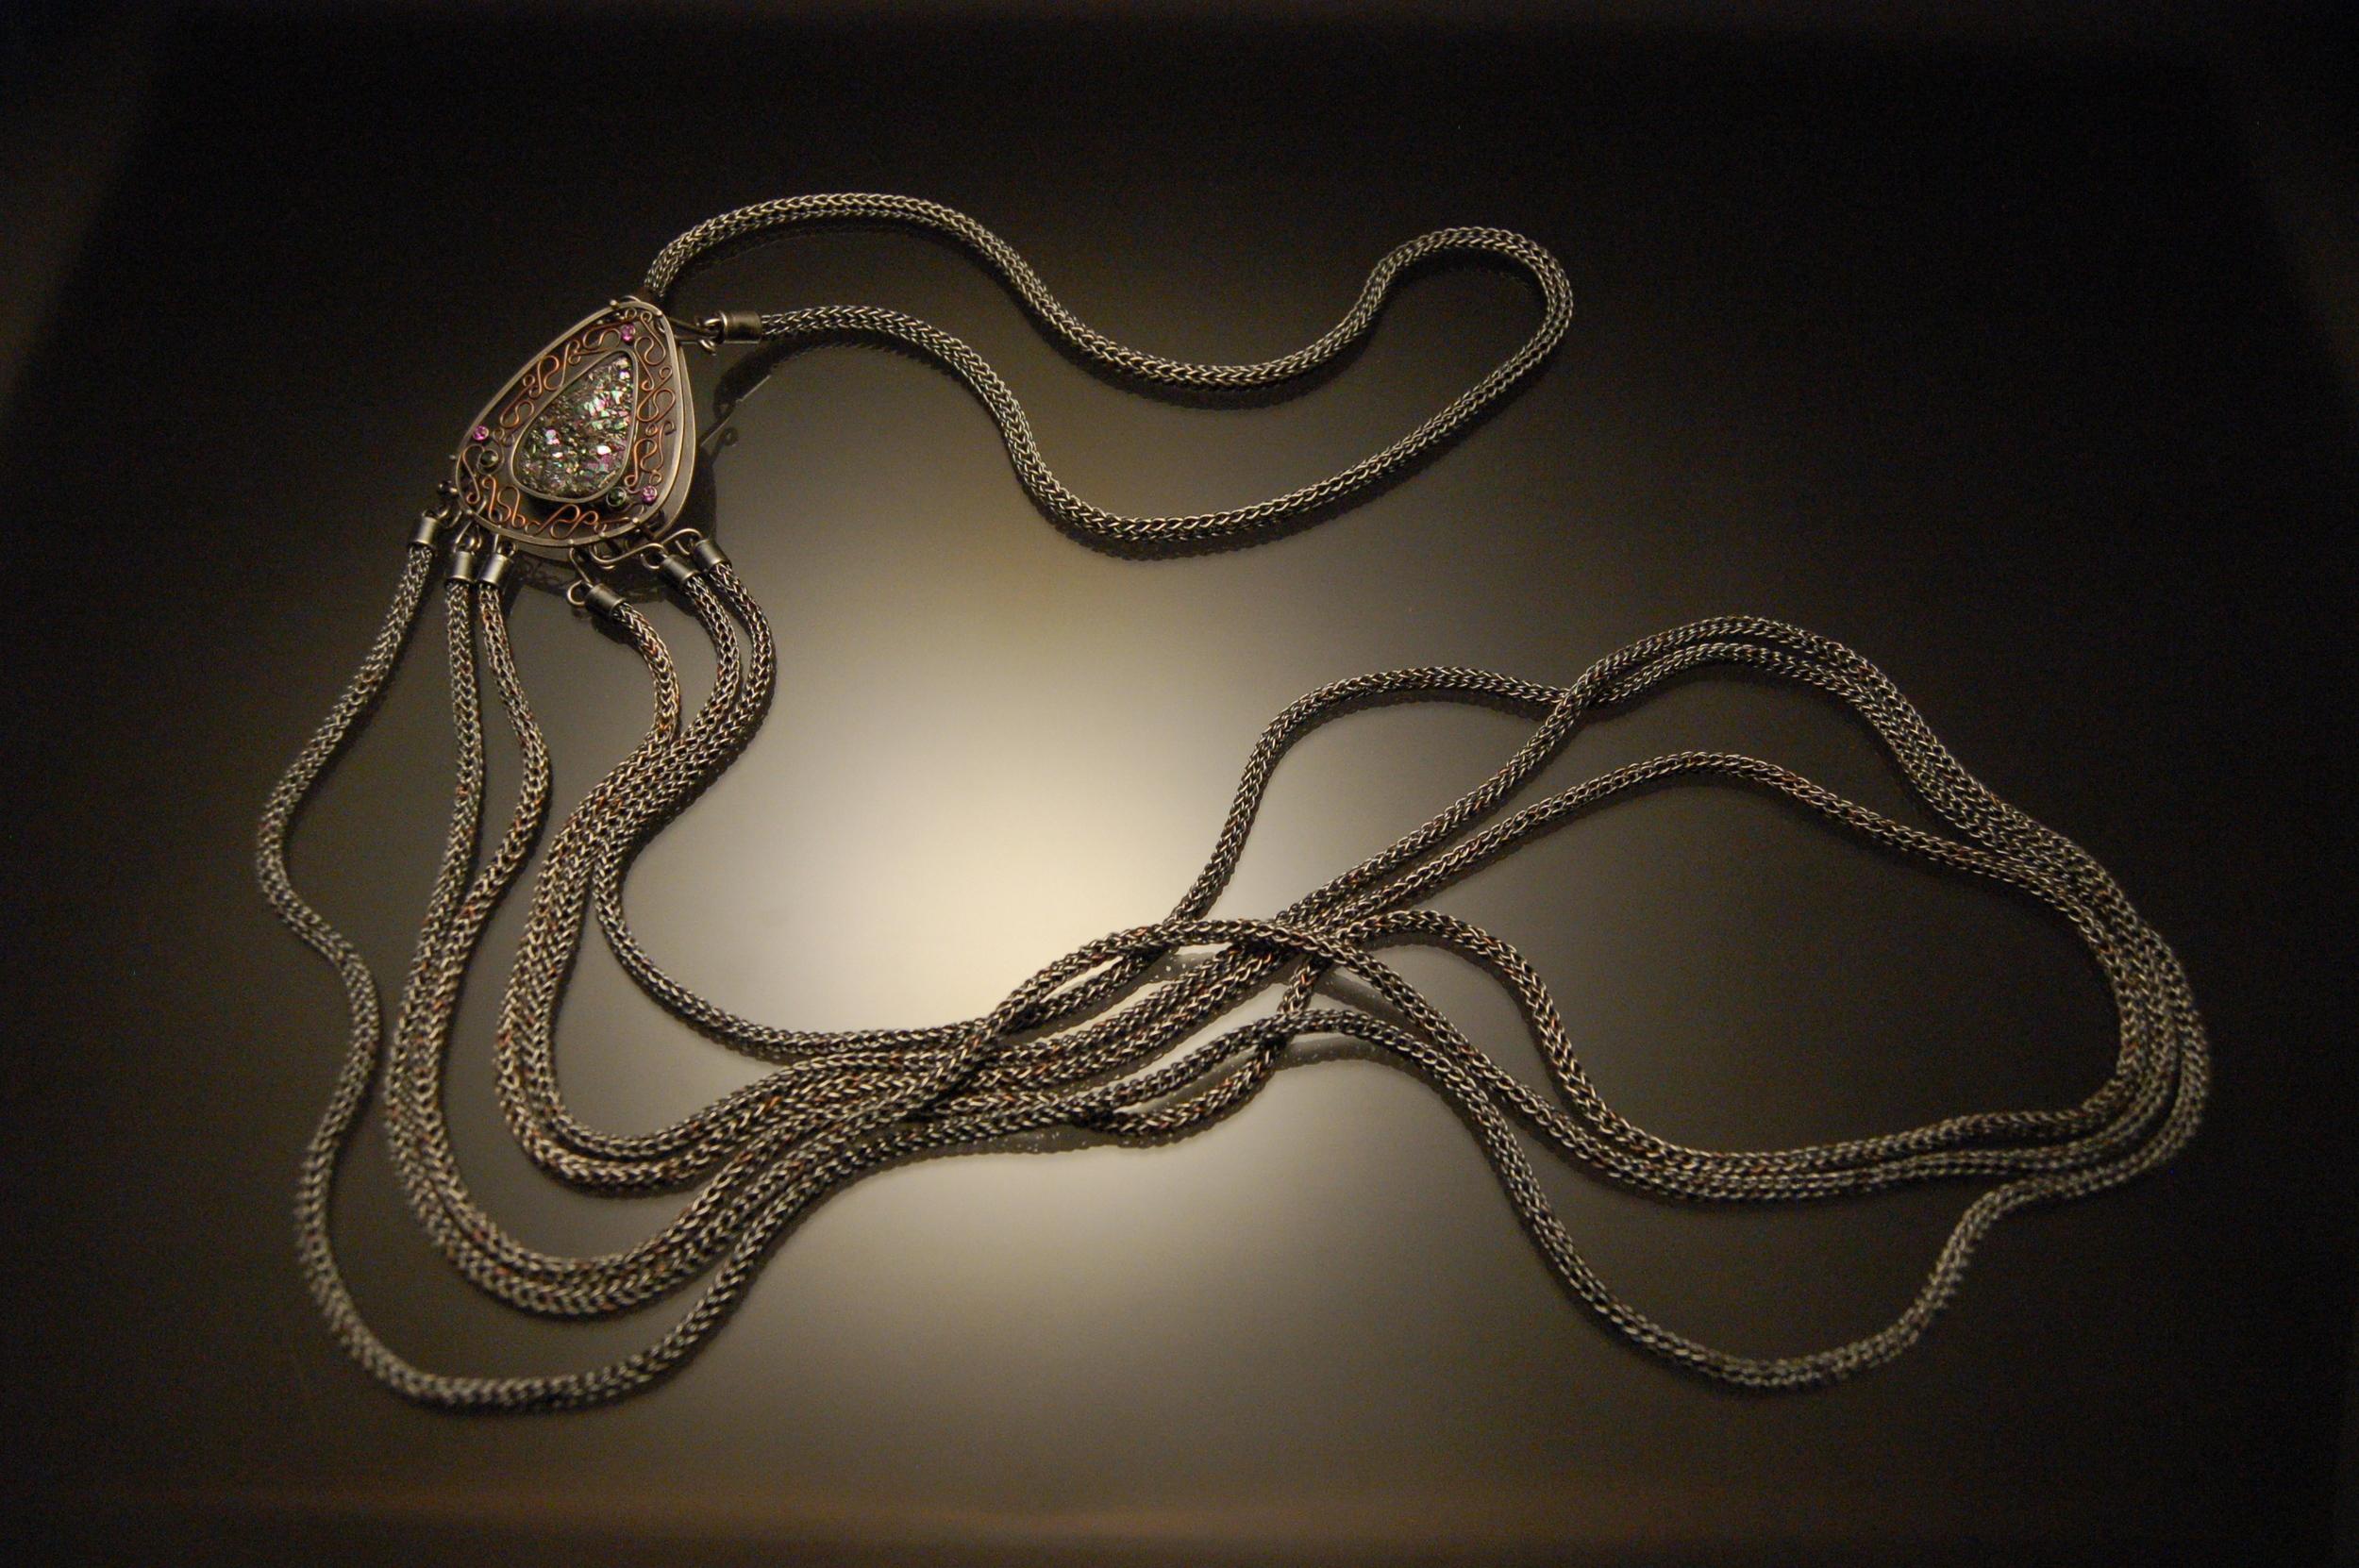 Lavinia's Body Chain